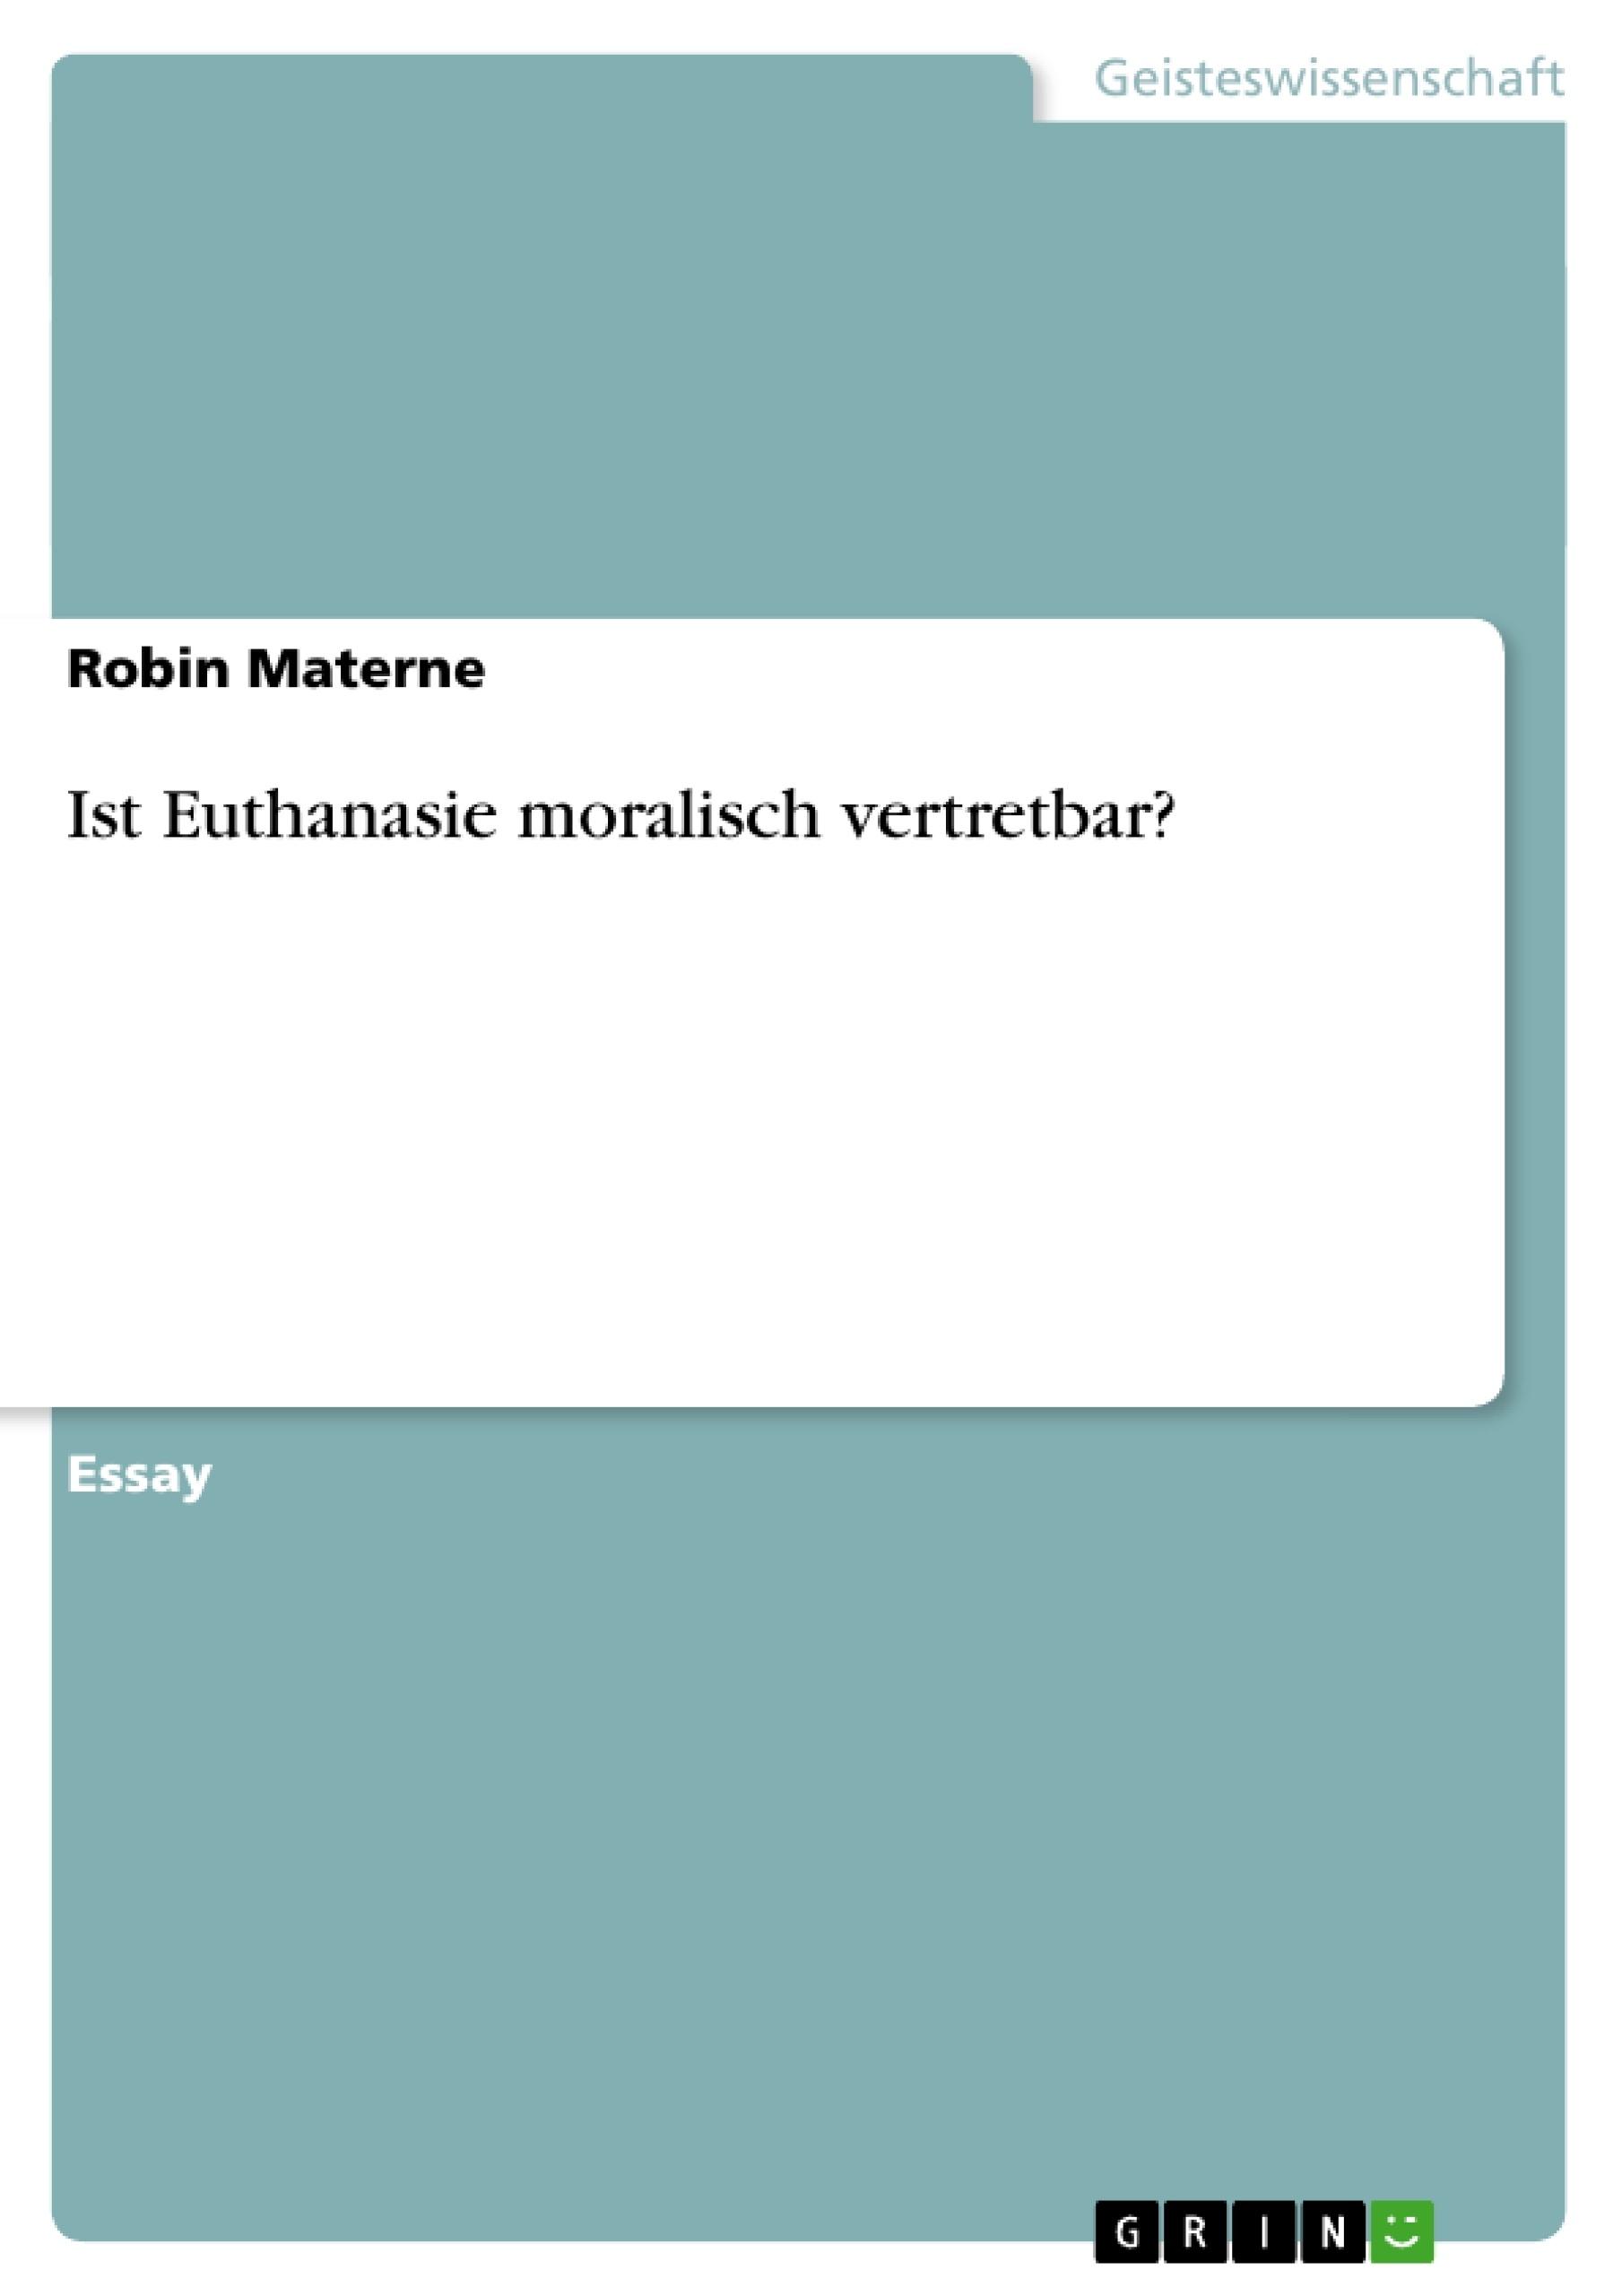 Titel: Ist Euthanasie moralisch vertretbar?